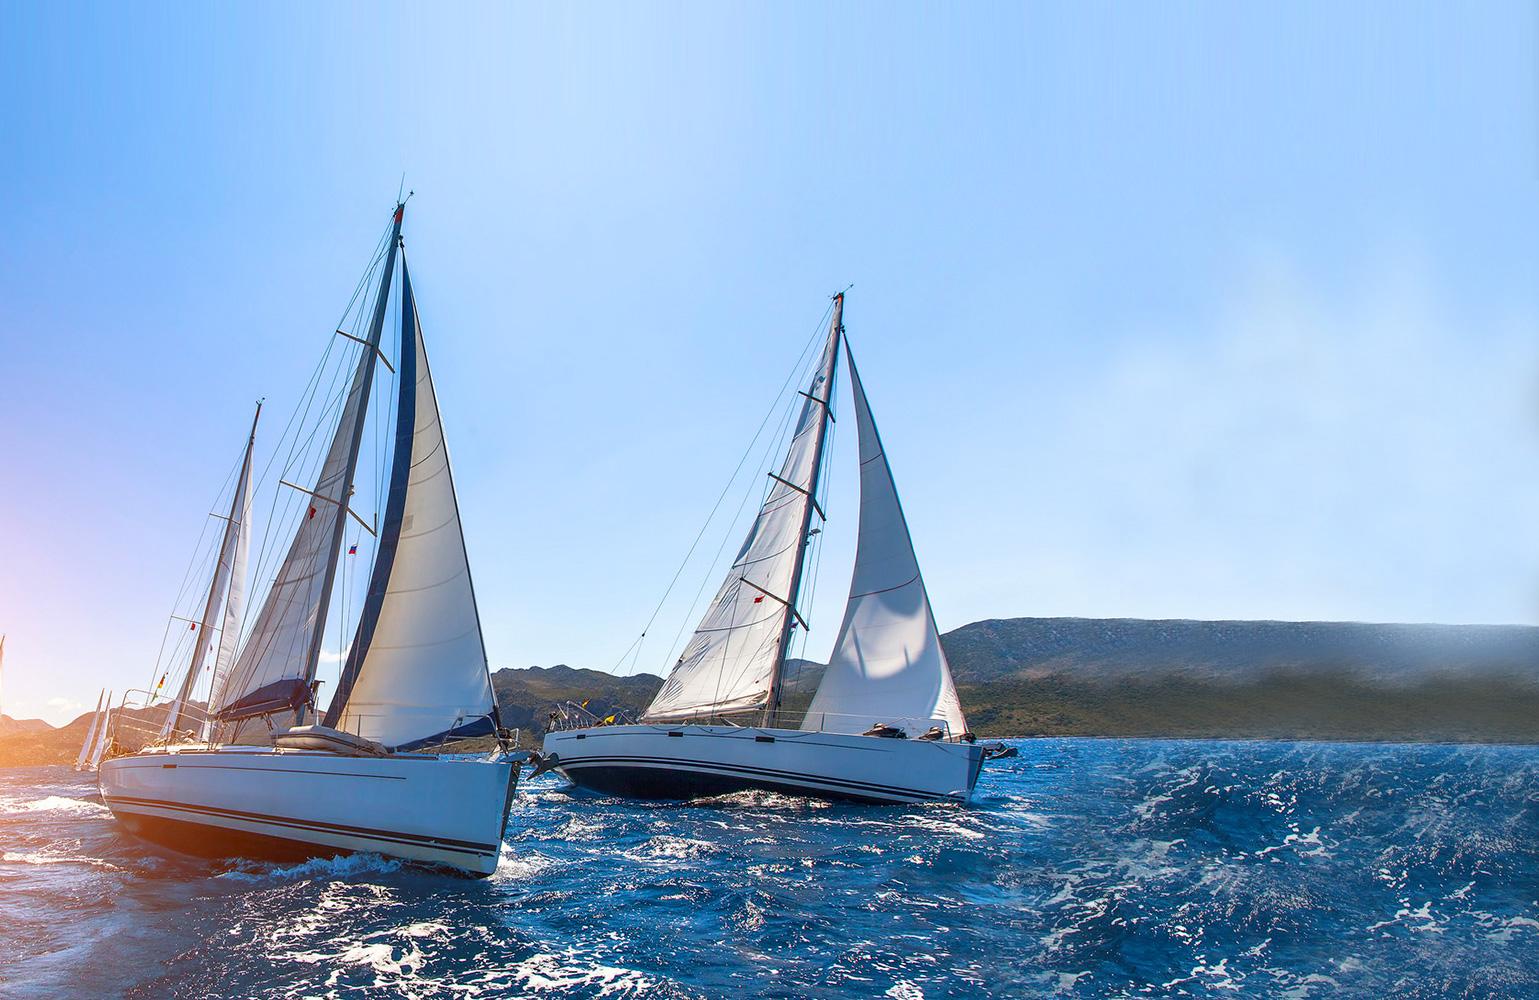 Самое спортивное мероприятие туриндустрии Travel Business Cup 2019 стартует в конце апреля